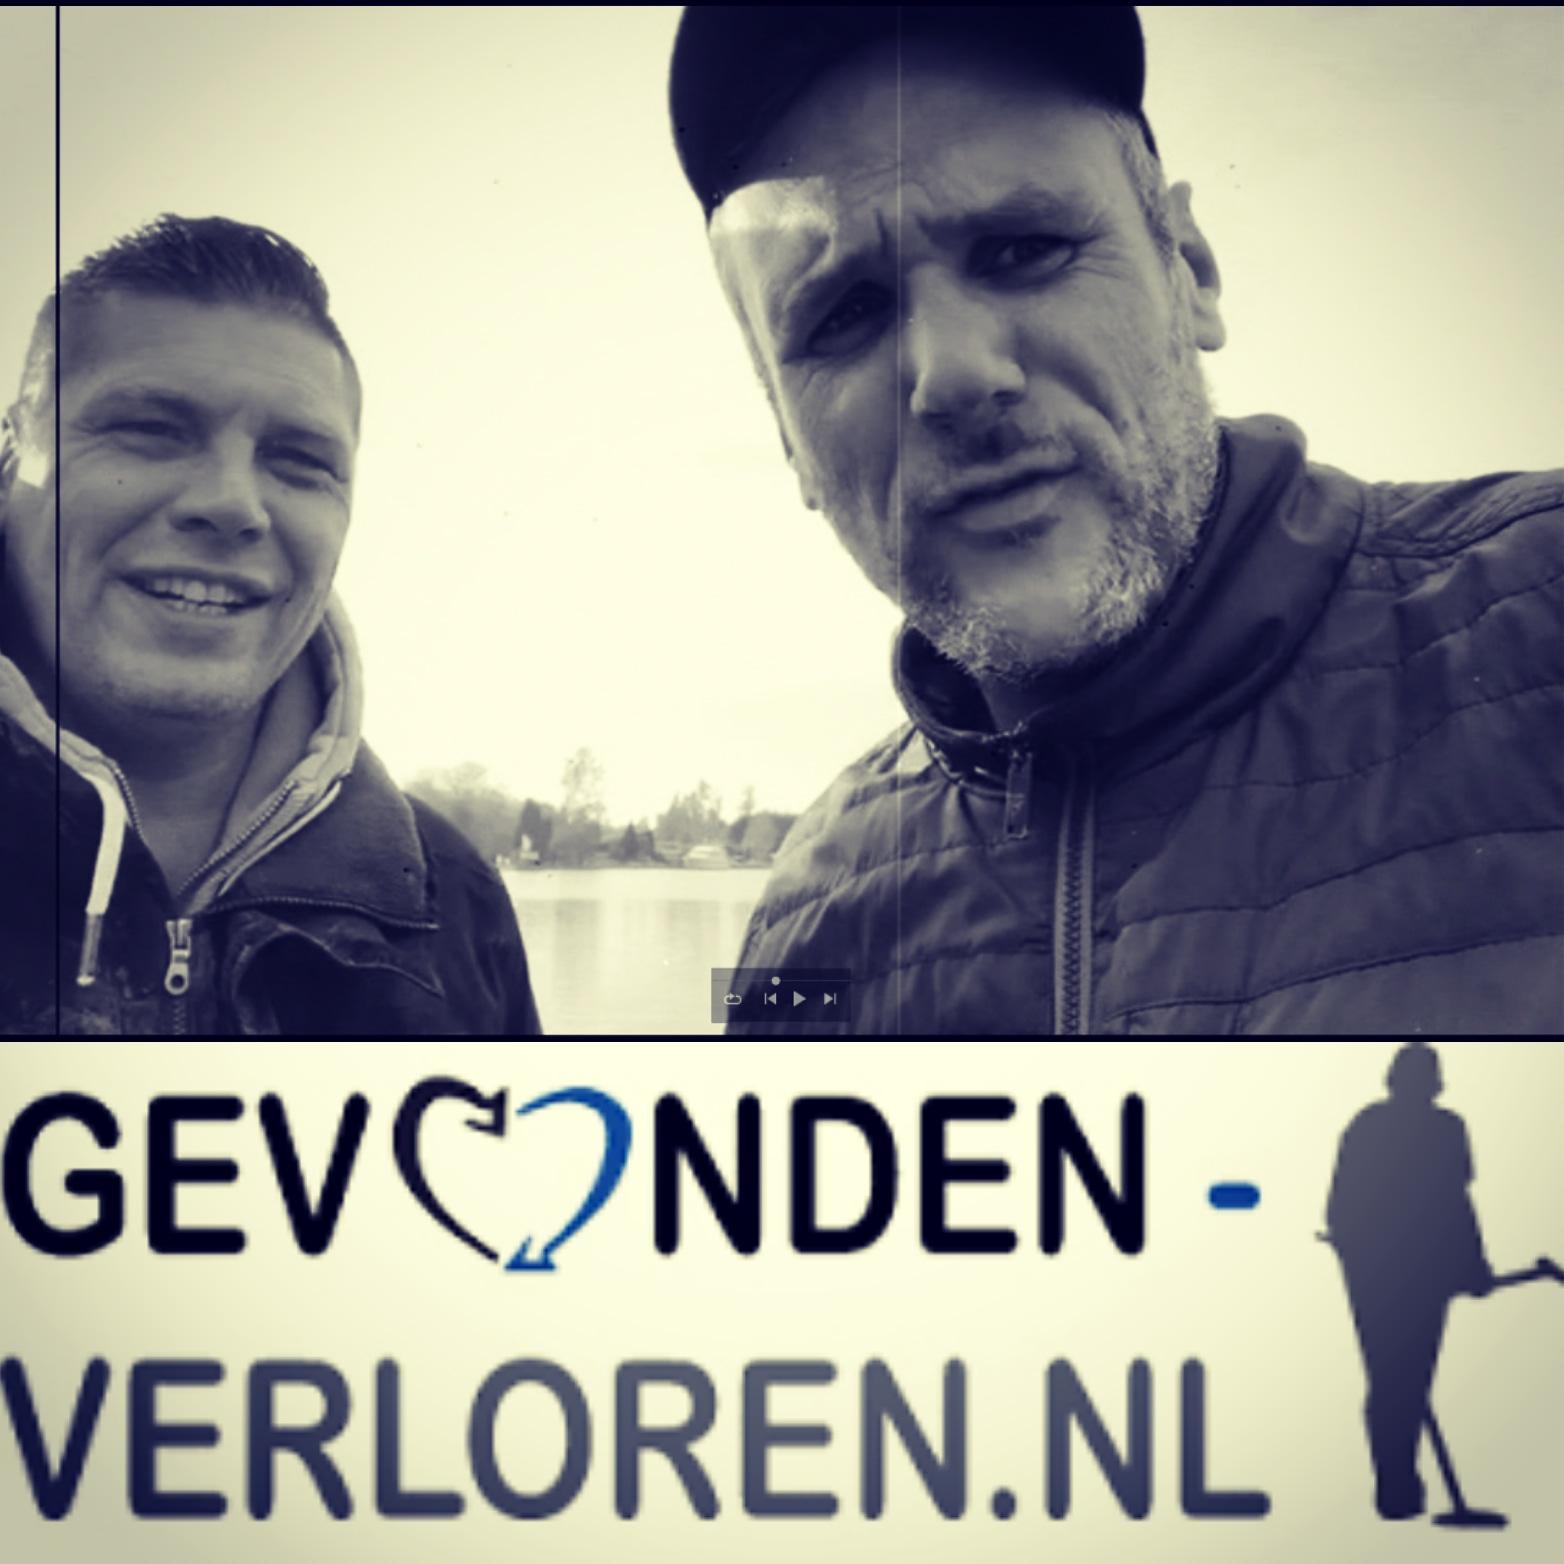 Wij Van Gevonden-verloren Verliezen Ook Wel Eens Wat!